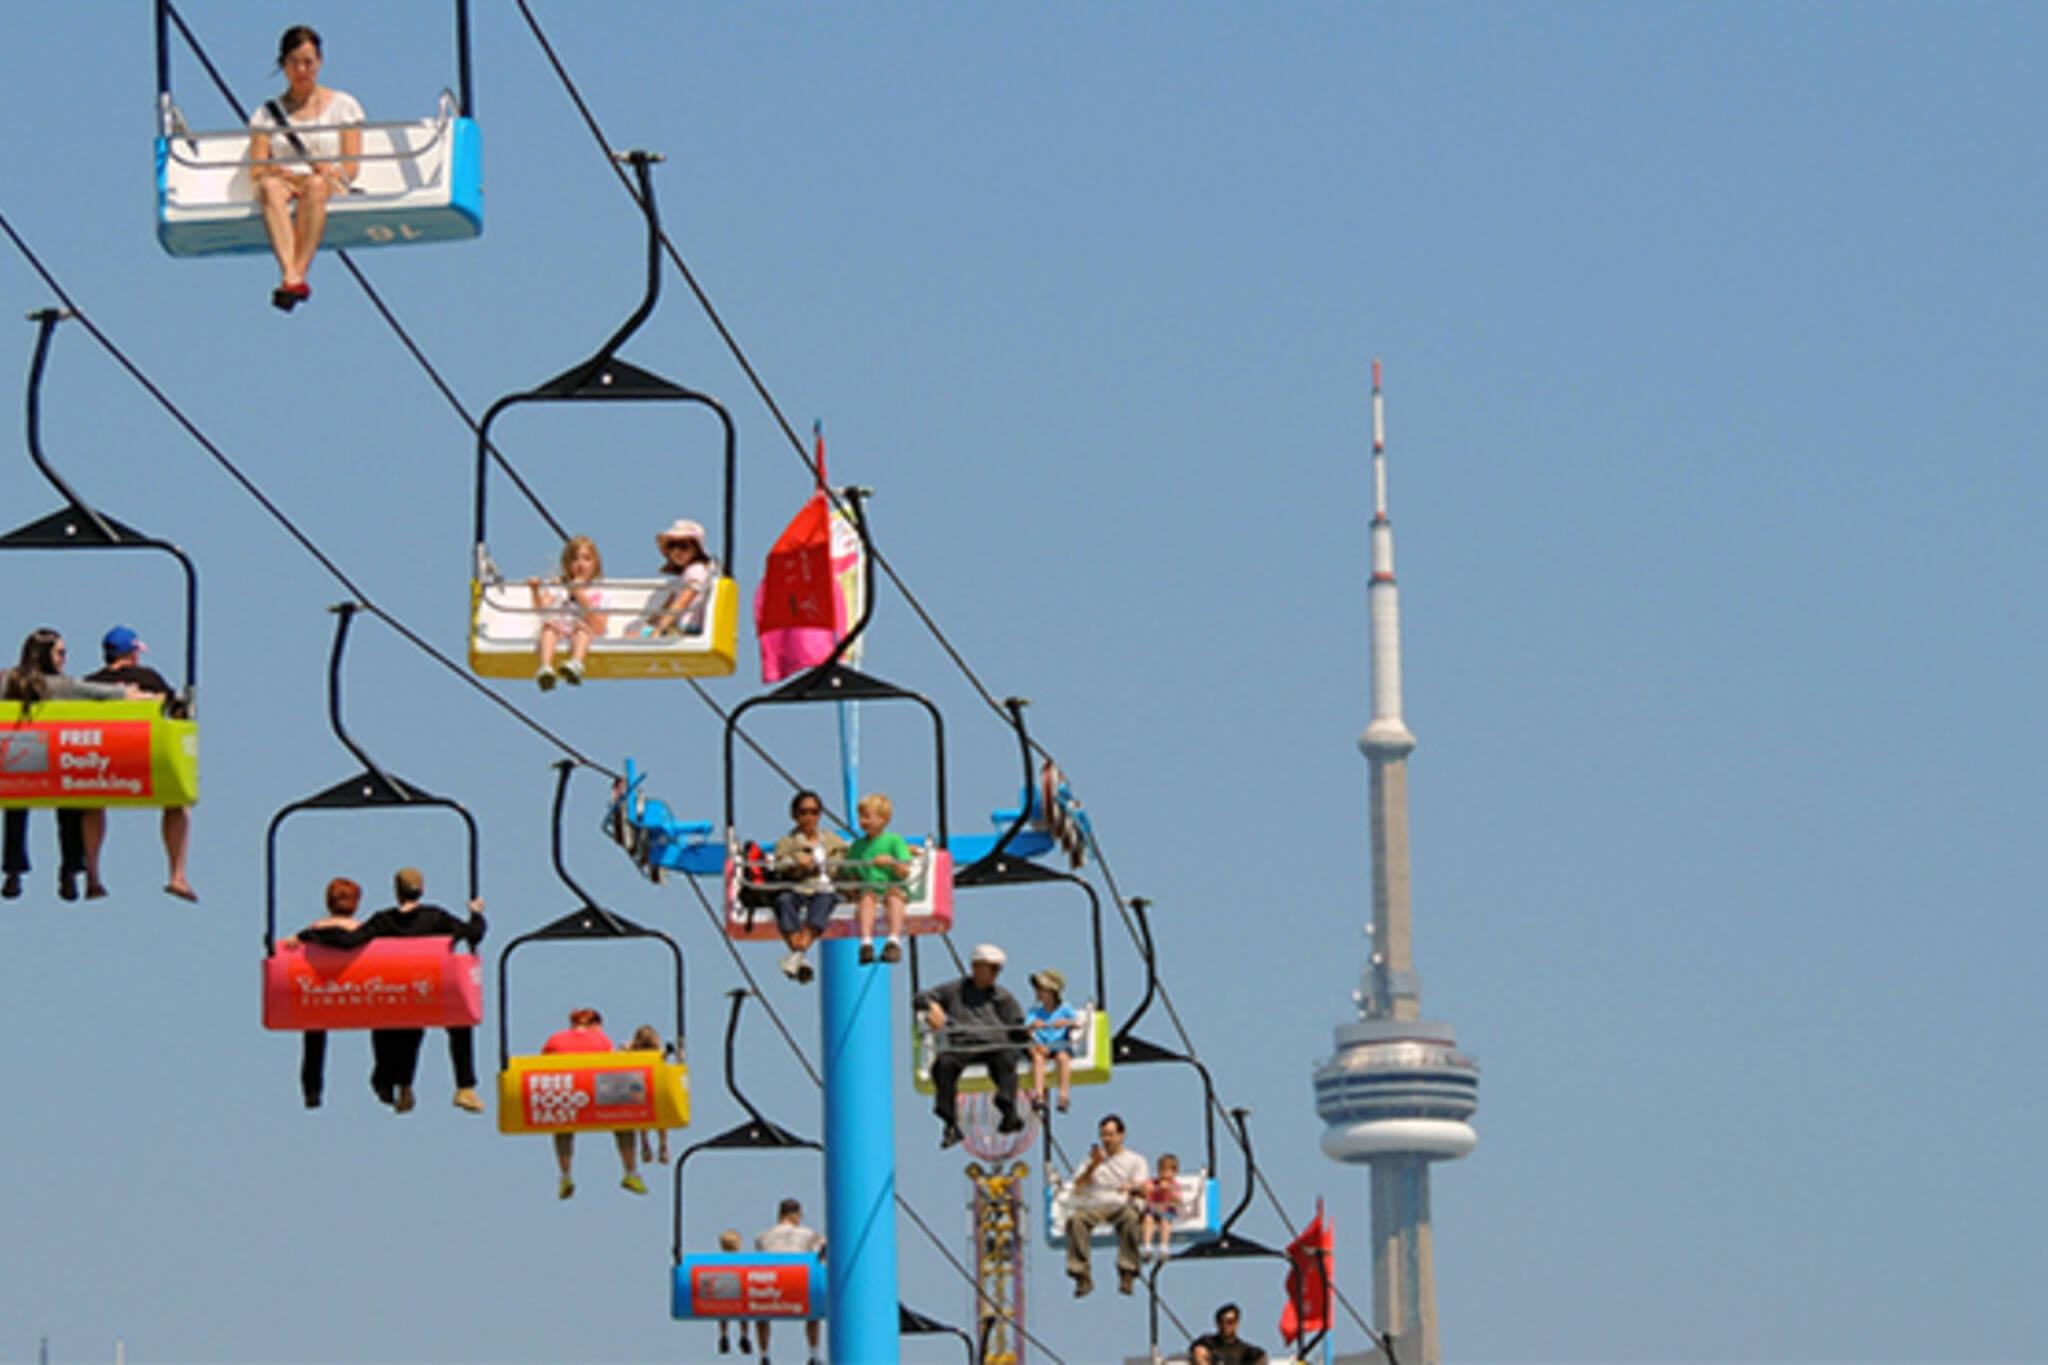 CNE Toronto